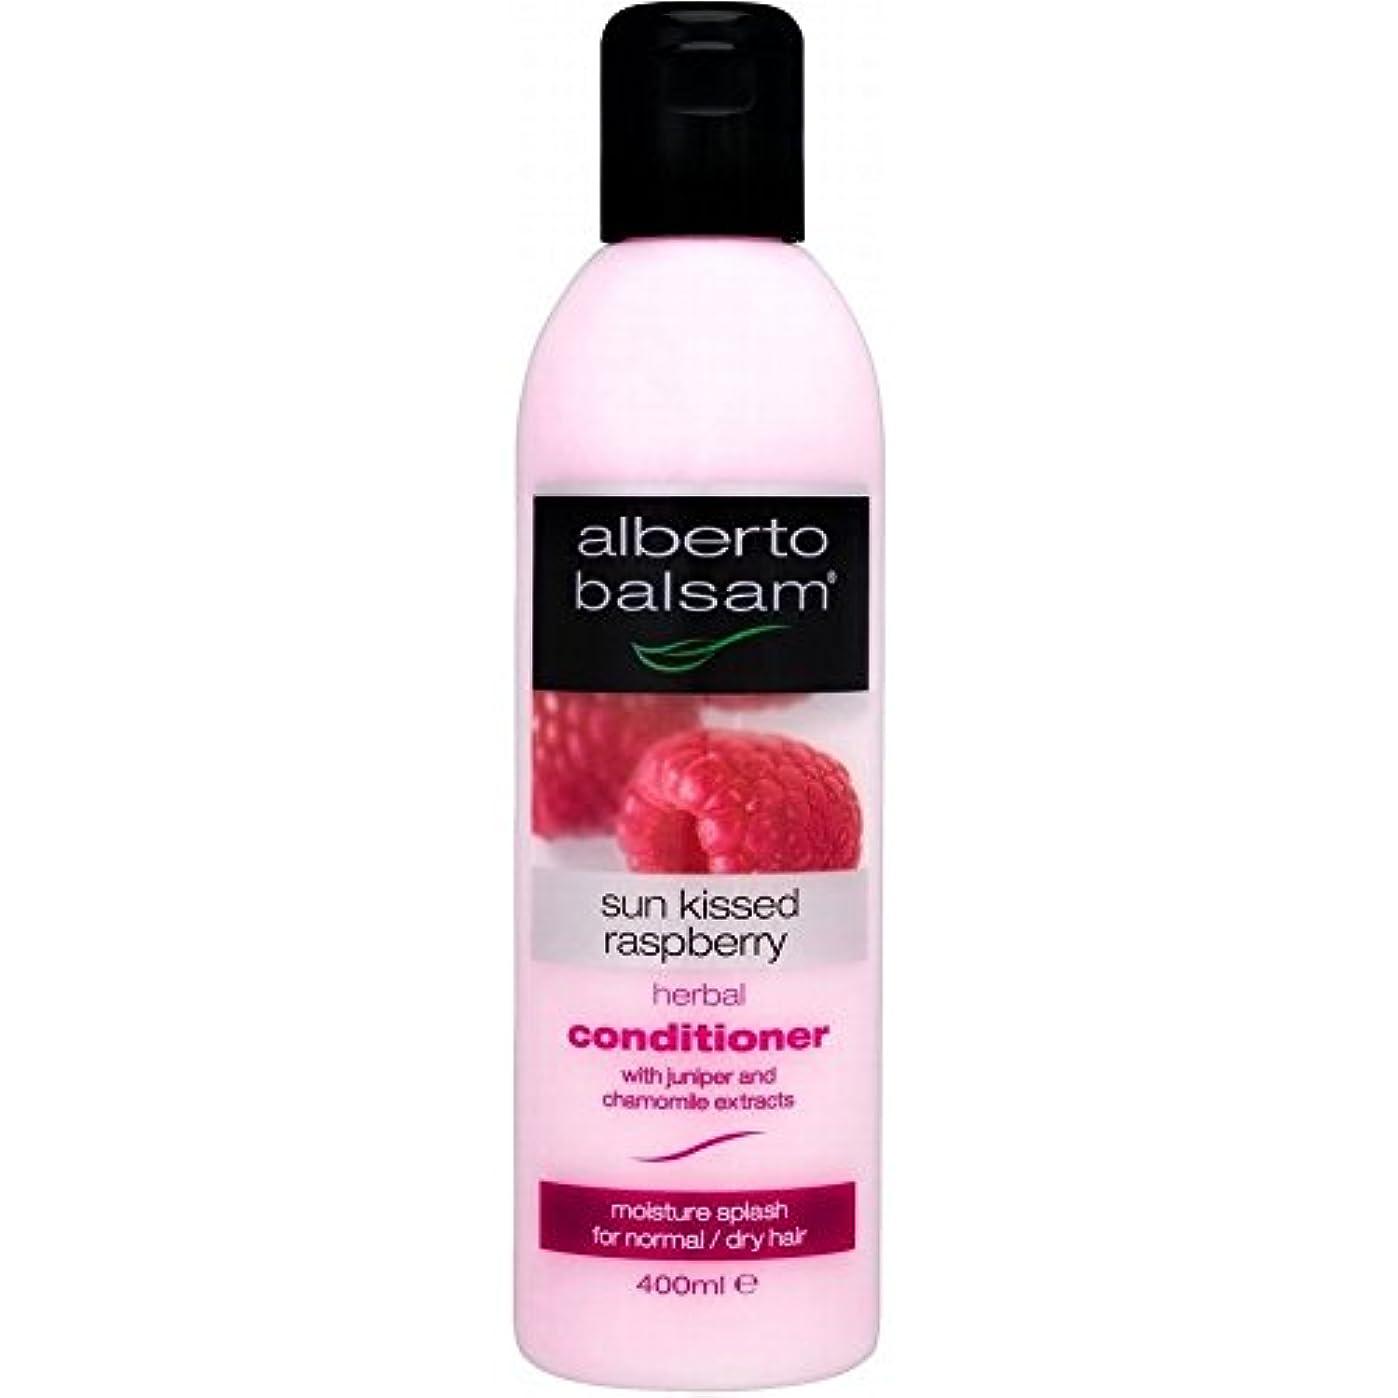 どこでもマトン遡るAlberto Balsam Herbal Conditioner - Sun Kissed Raspberry (400ml) アルベルトバルサムハーブコンディショナー - 太陽は( 400ミリリットル)ラズベリーキス...